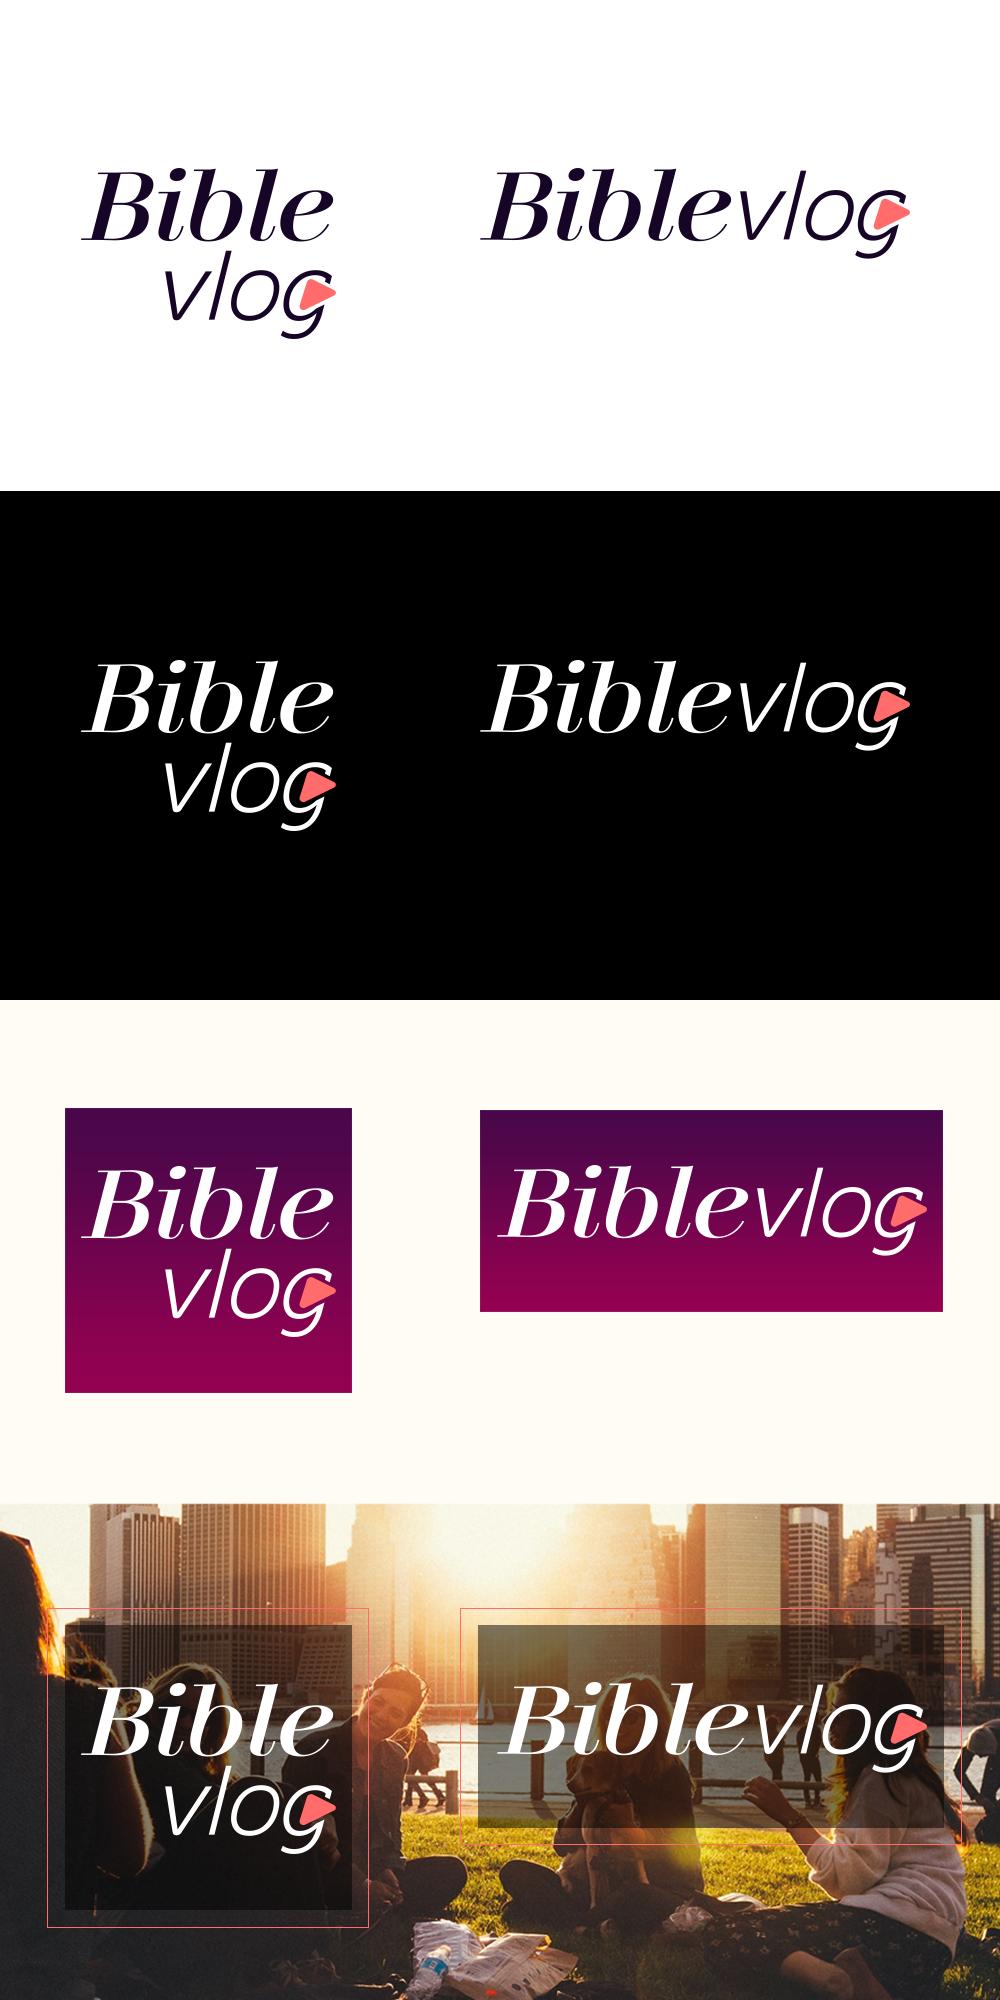 BibleVlog.com Logo - Clear Brief; Active Feedback